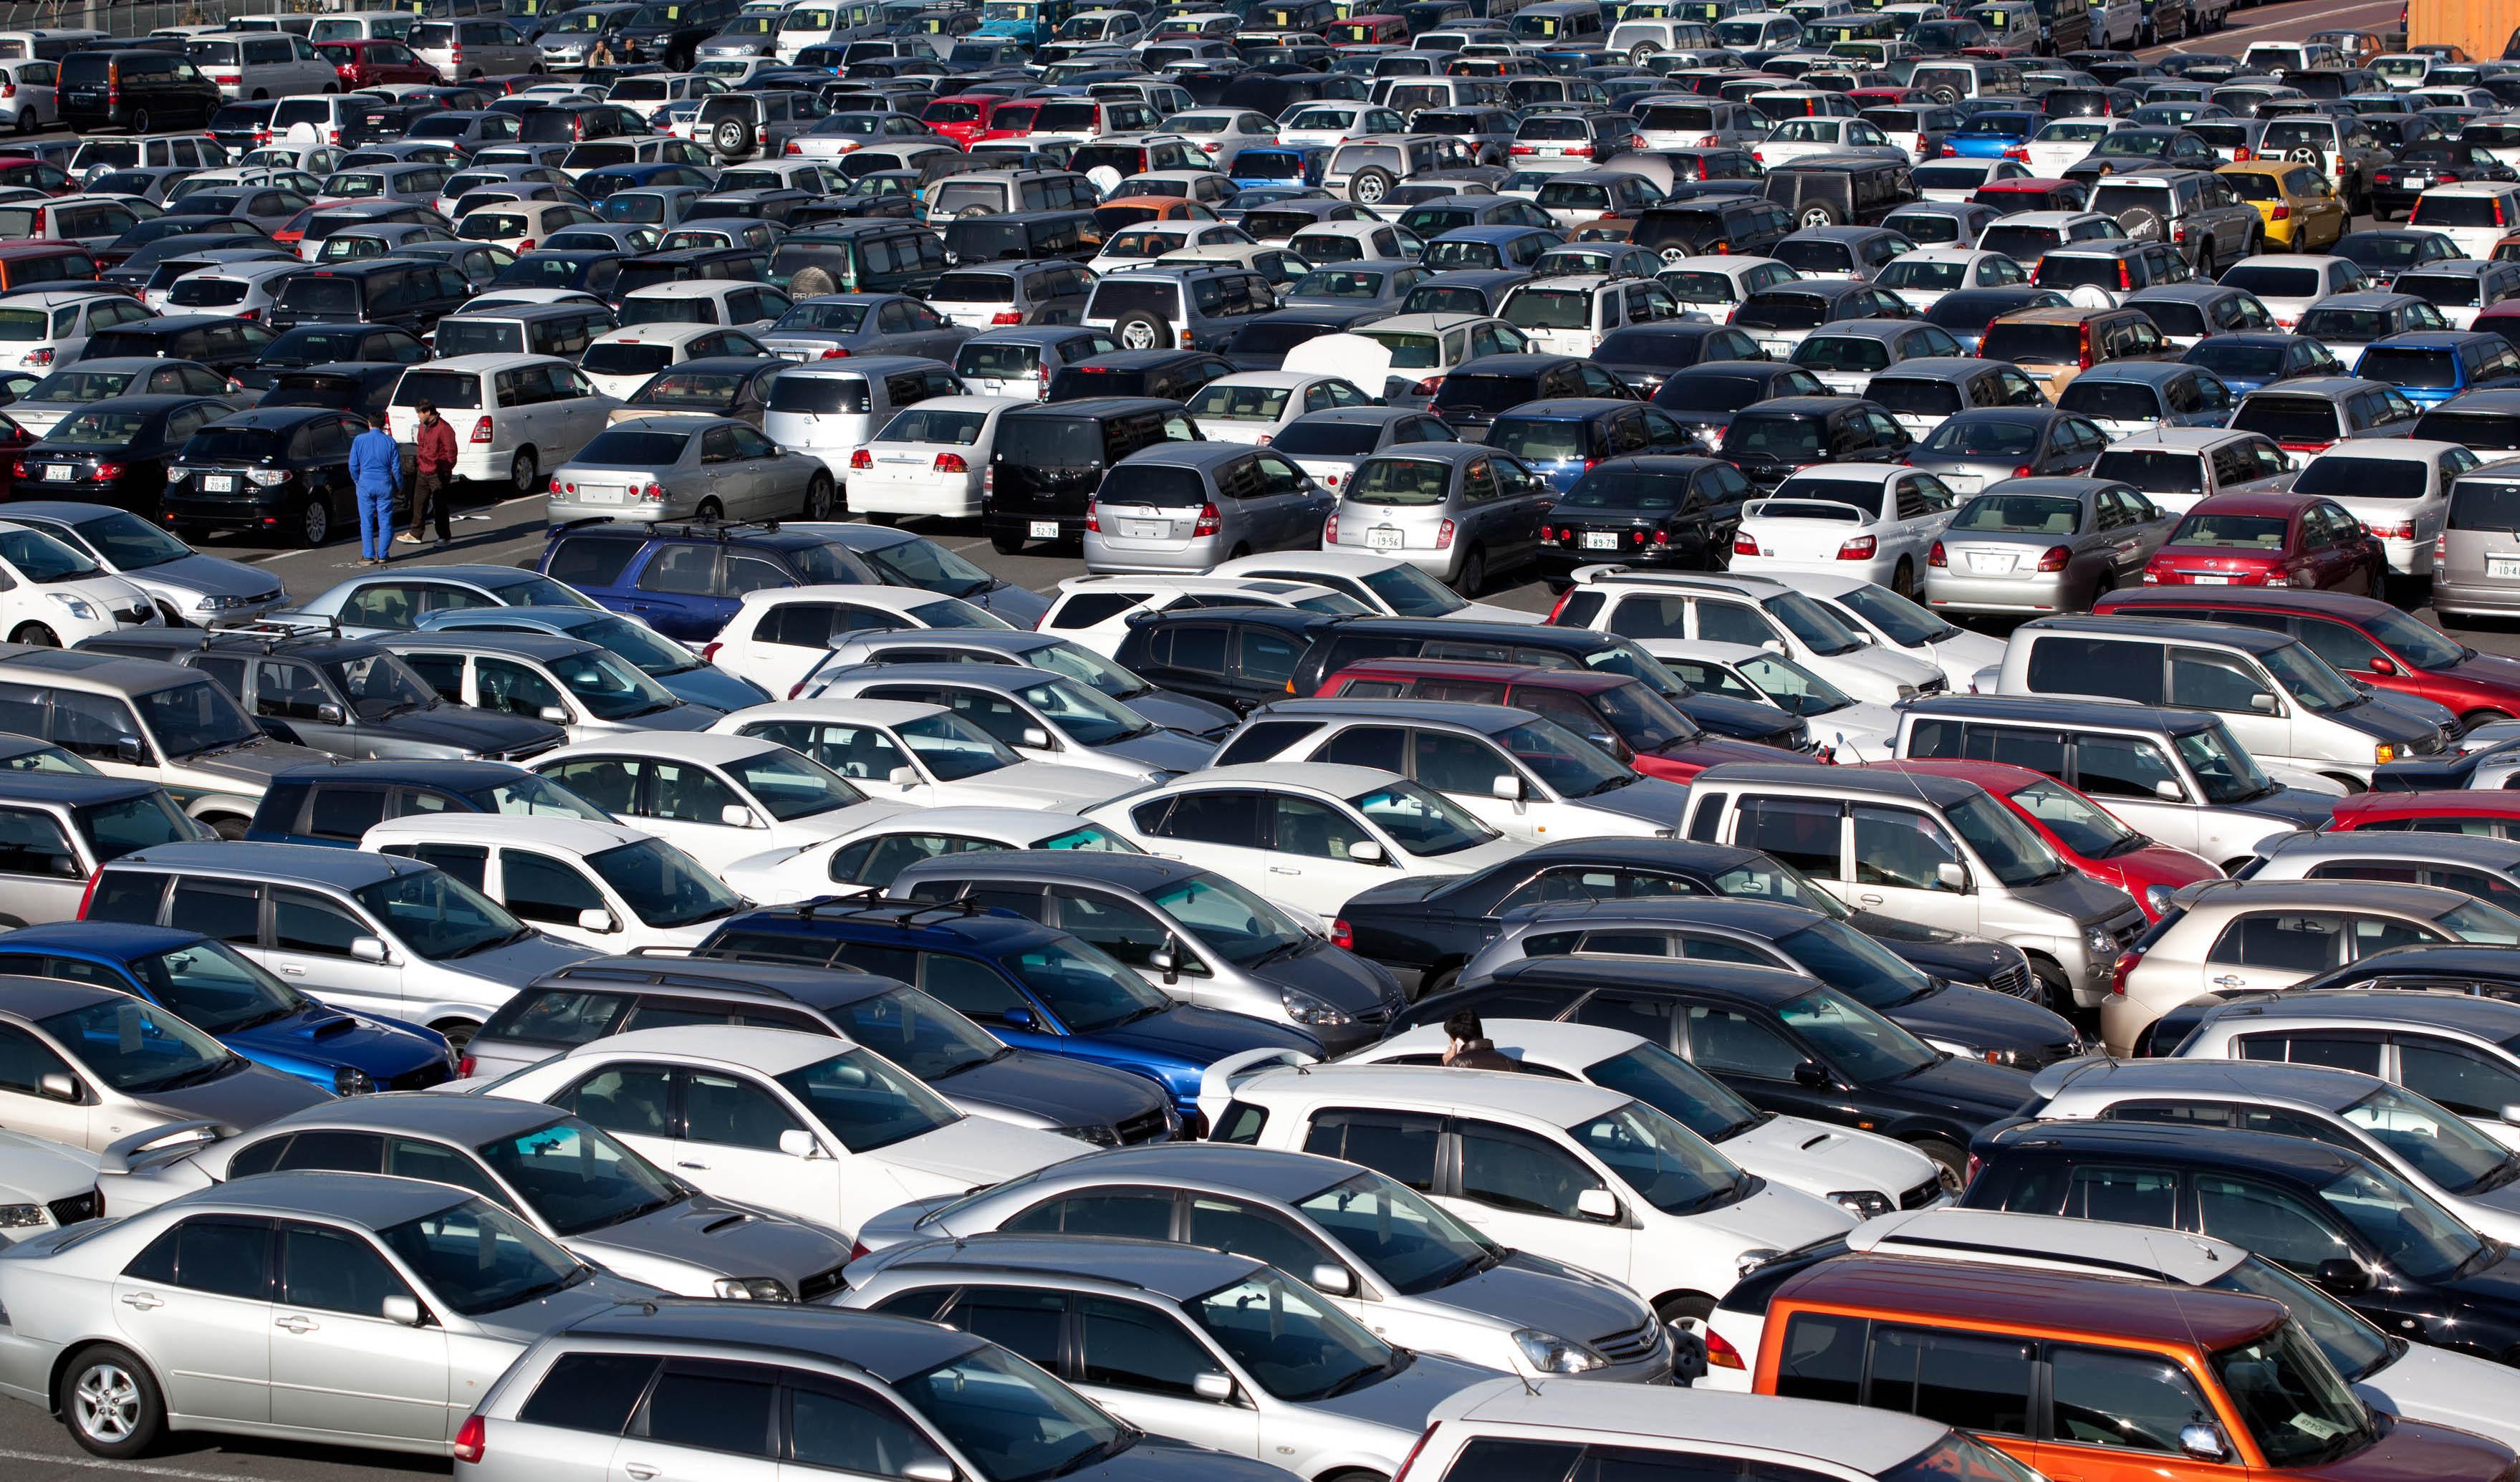 قیمت خودرو تخت گاز میتازد/ افزایش ۱۰ تا ۲۰ میلیونی در یک ماه